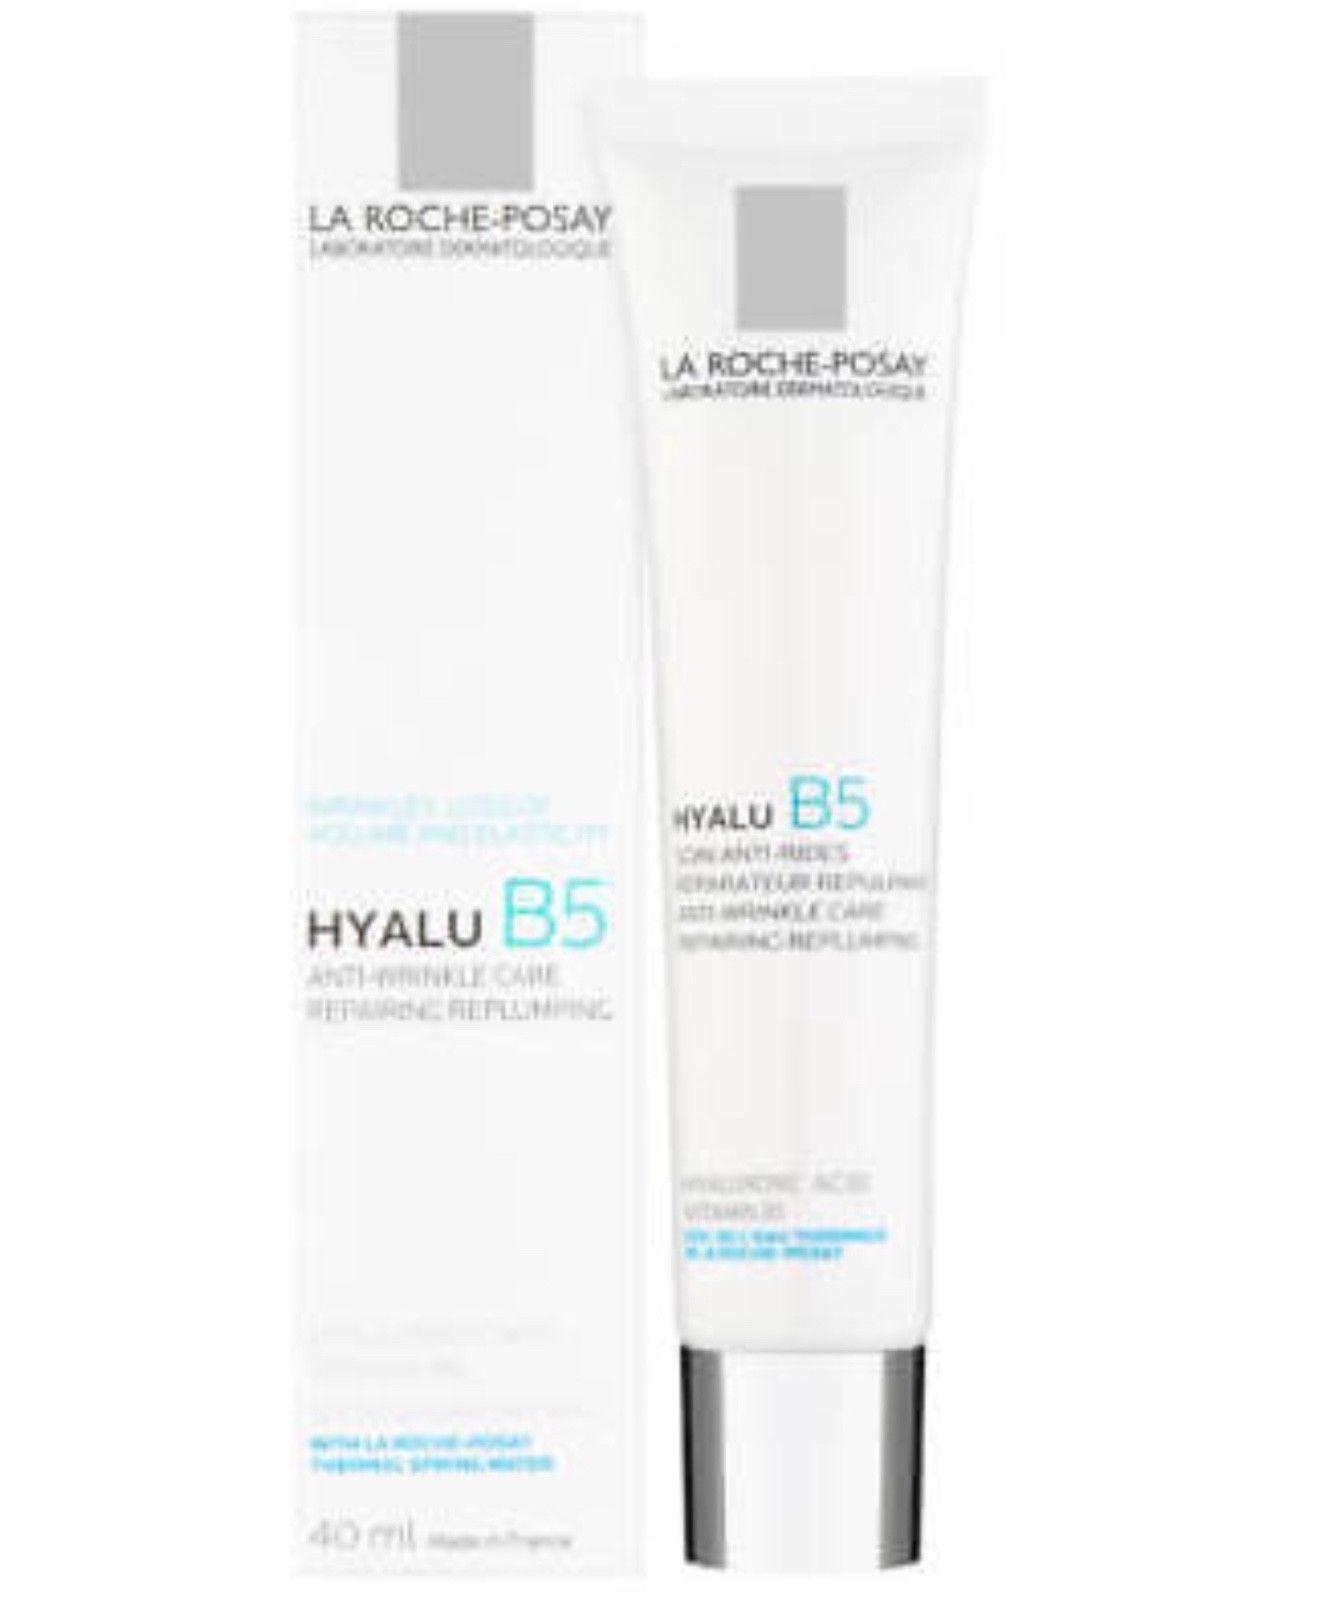 LA ROCHE-POSAY HYALU B5 cream moisturizer